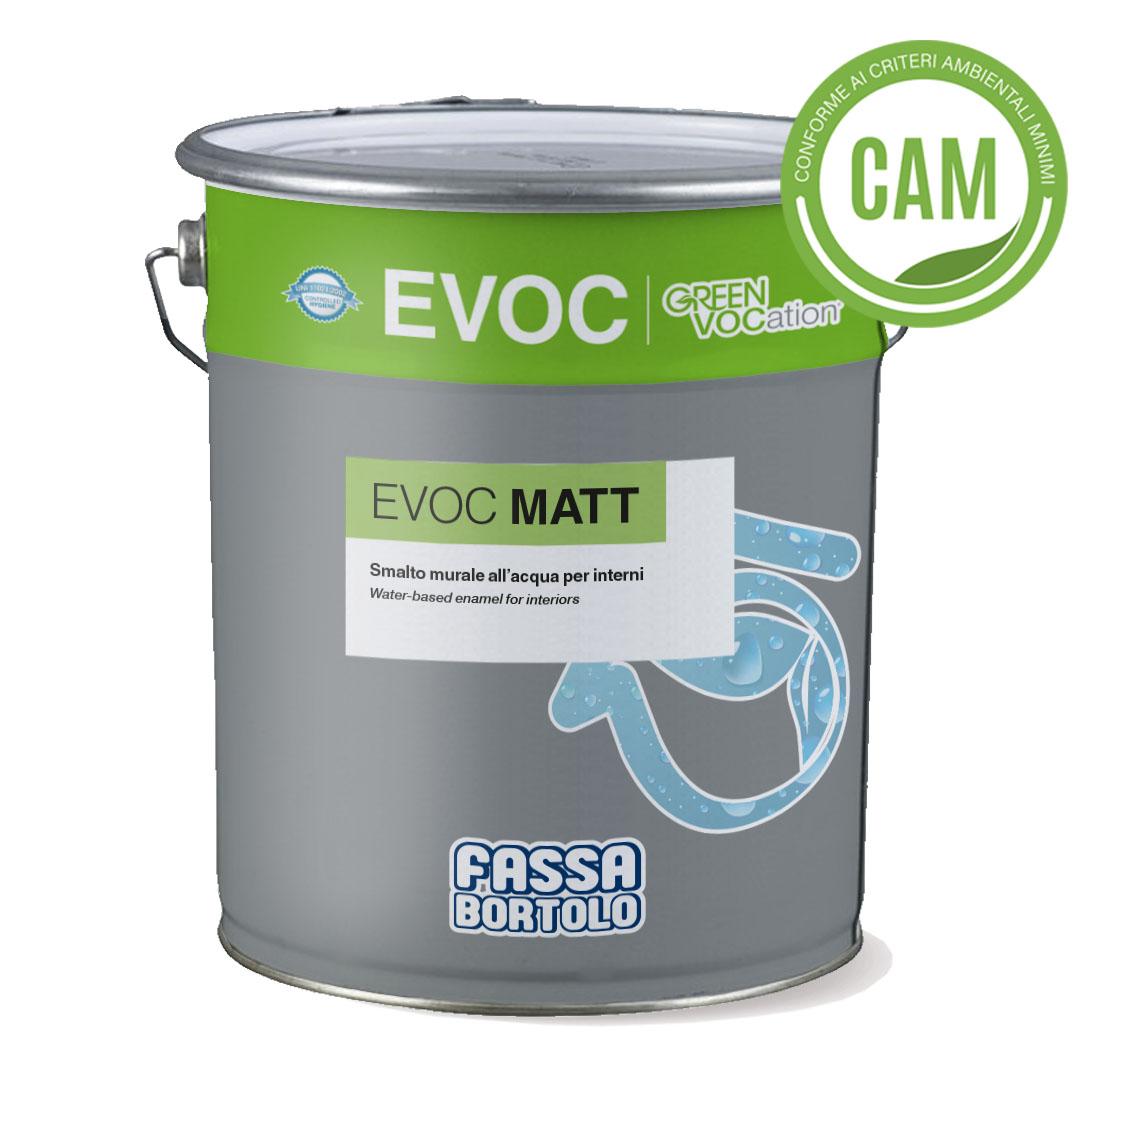 EVOC MATT: Wasserbasierter matter Wandlack für den Innenbereich